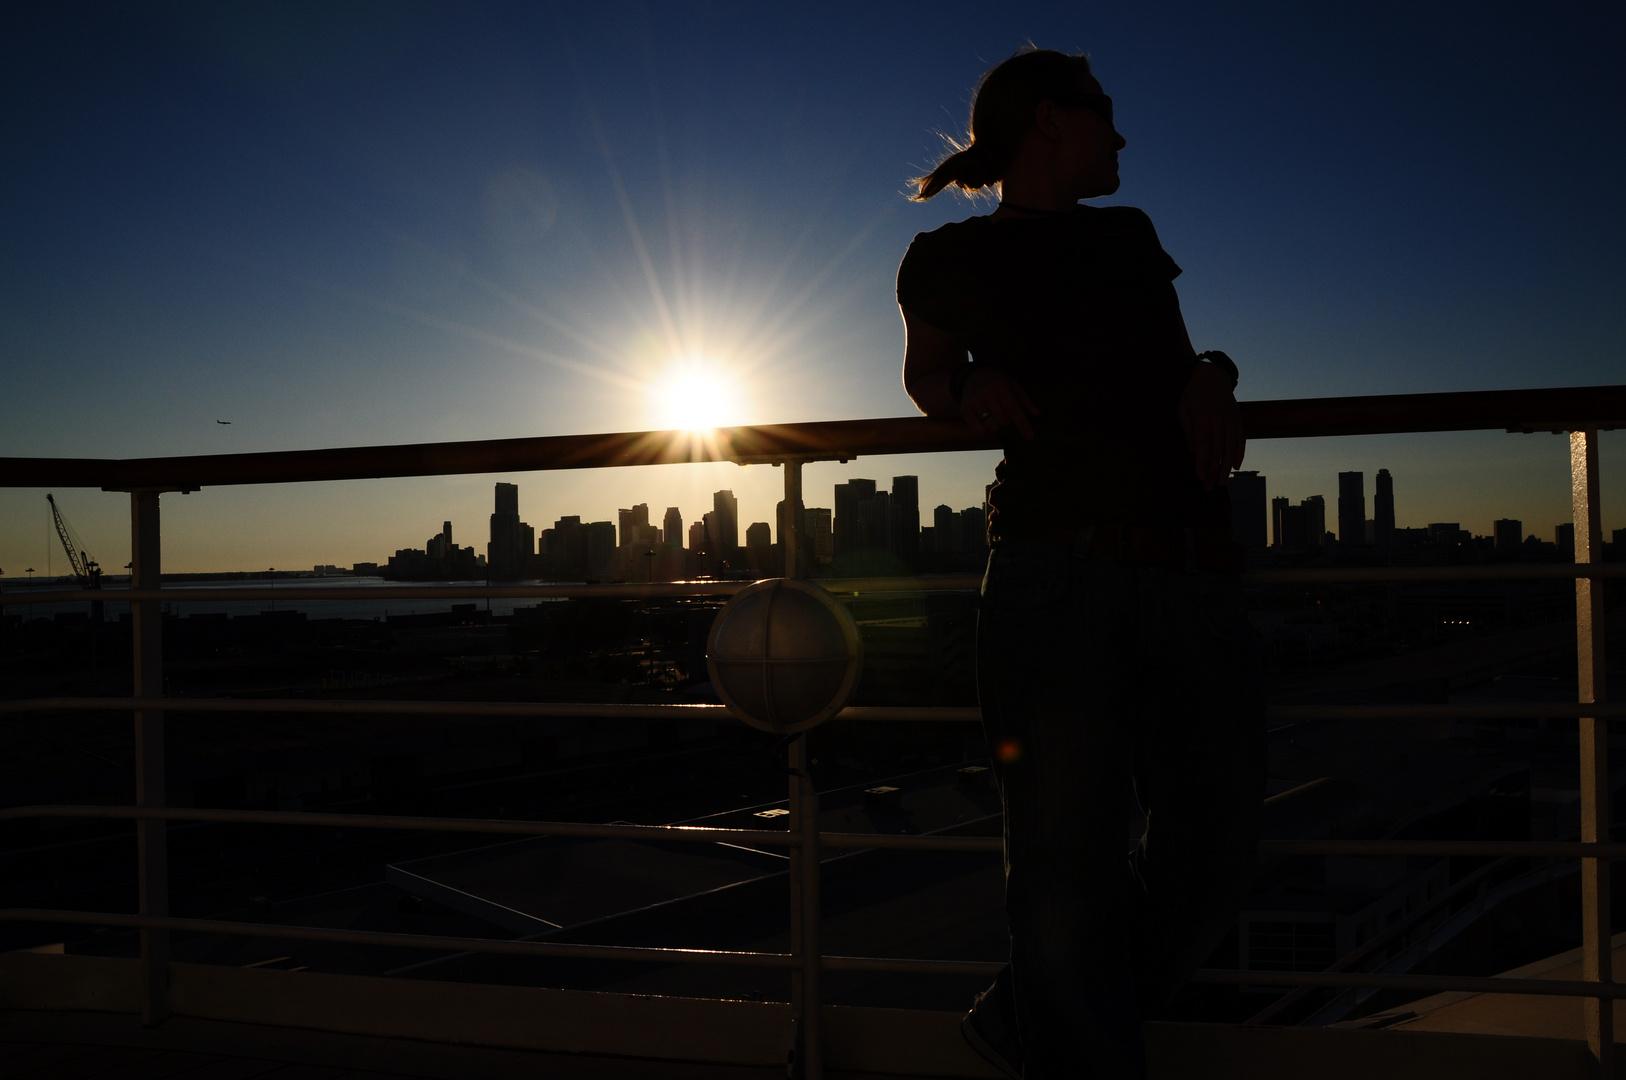 Sonnenuntergang im Gegenlicht